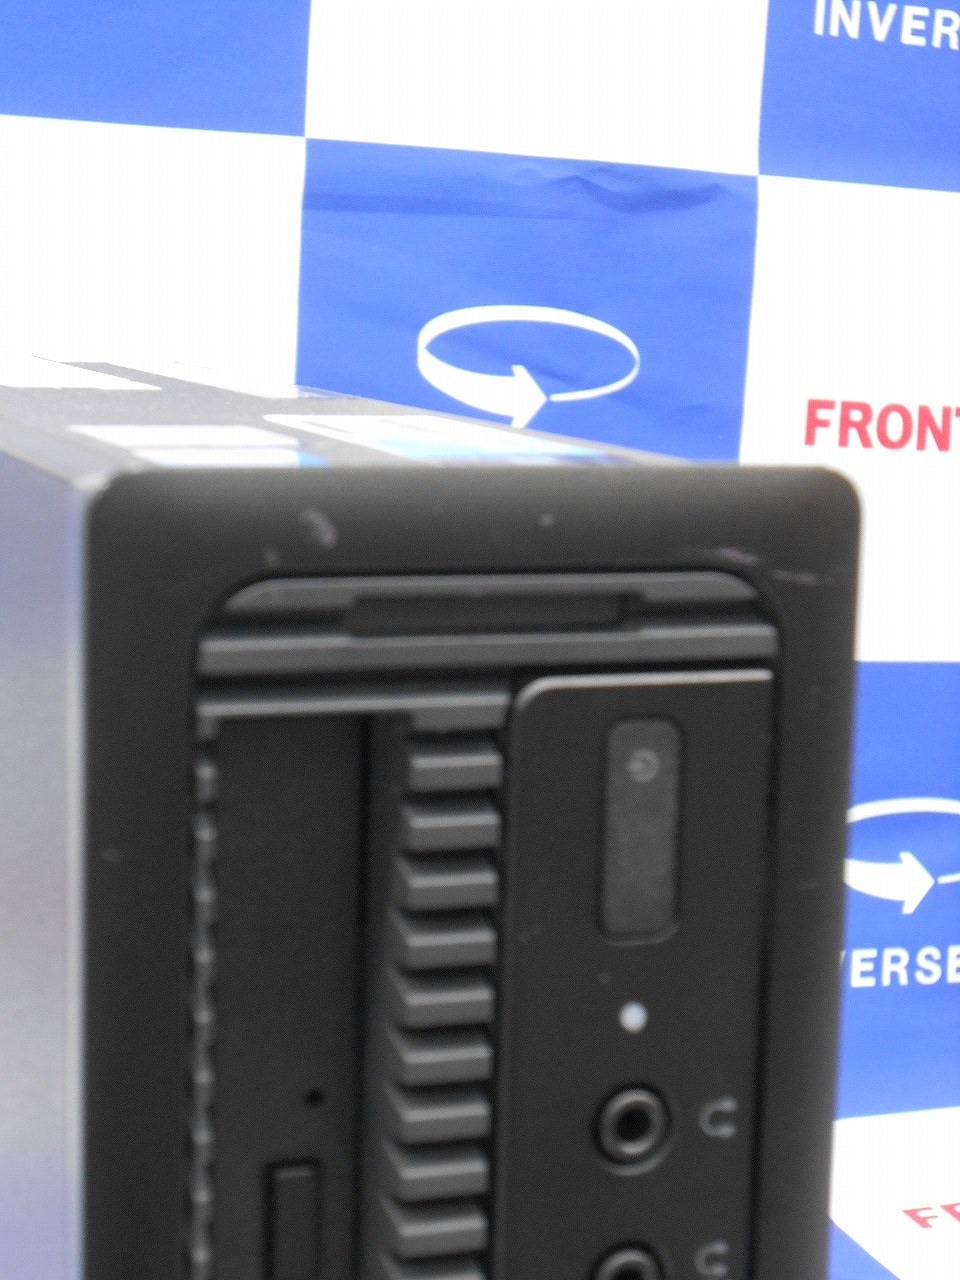 【中古】 HP EliteDesk 800 G1/2013年モデル/Corei5 4670S 3.1GHz/メモリ4GB/SATA320GB/13インチ/Windows10Home【ECOぱそ】【1ヶ月保証】【足立店発送】